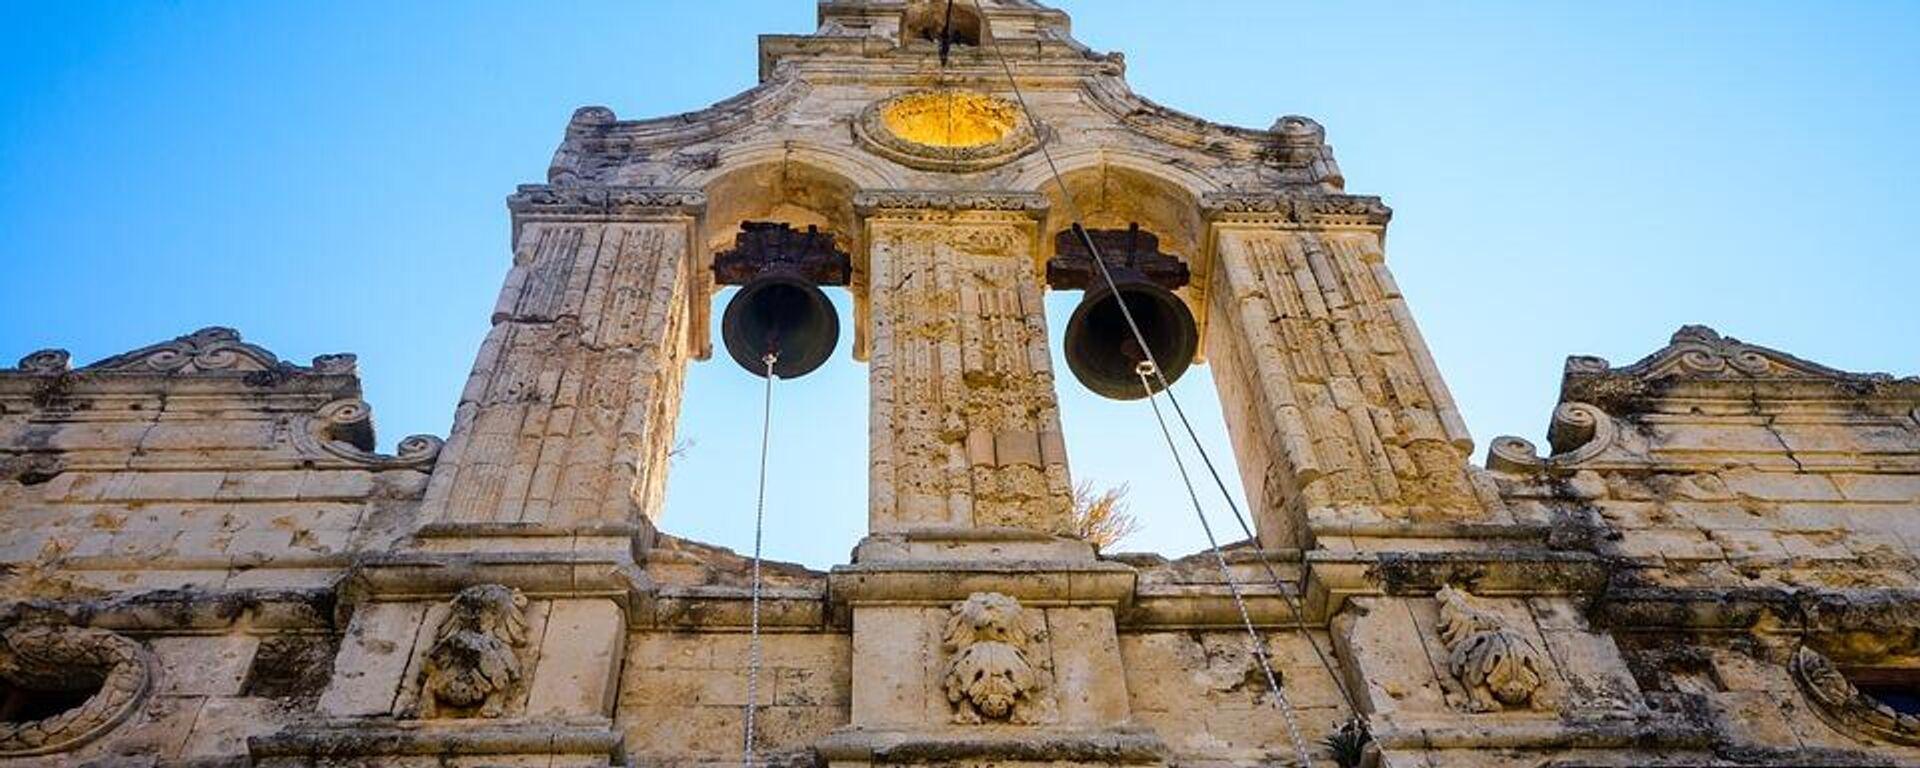 Καμπάνες σε εκκλησία - Sputnik Ελλάδα, 1920, 08.10.2021